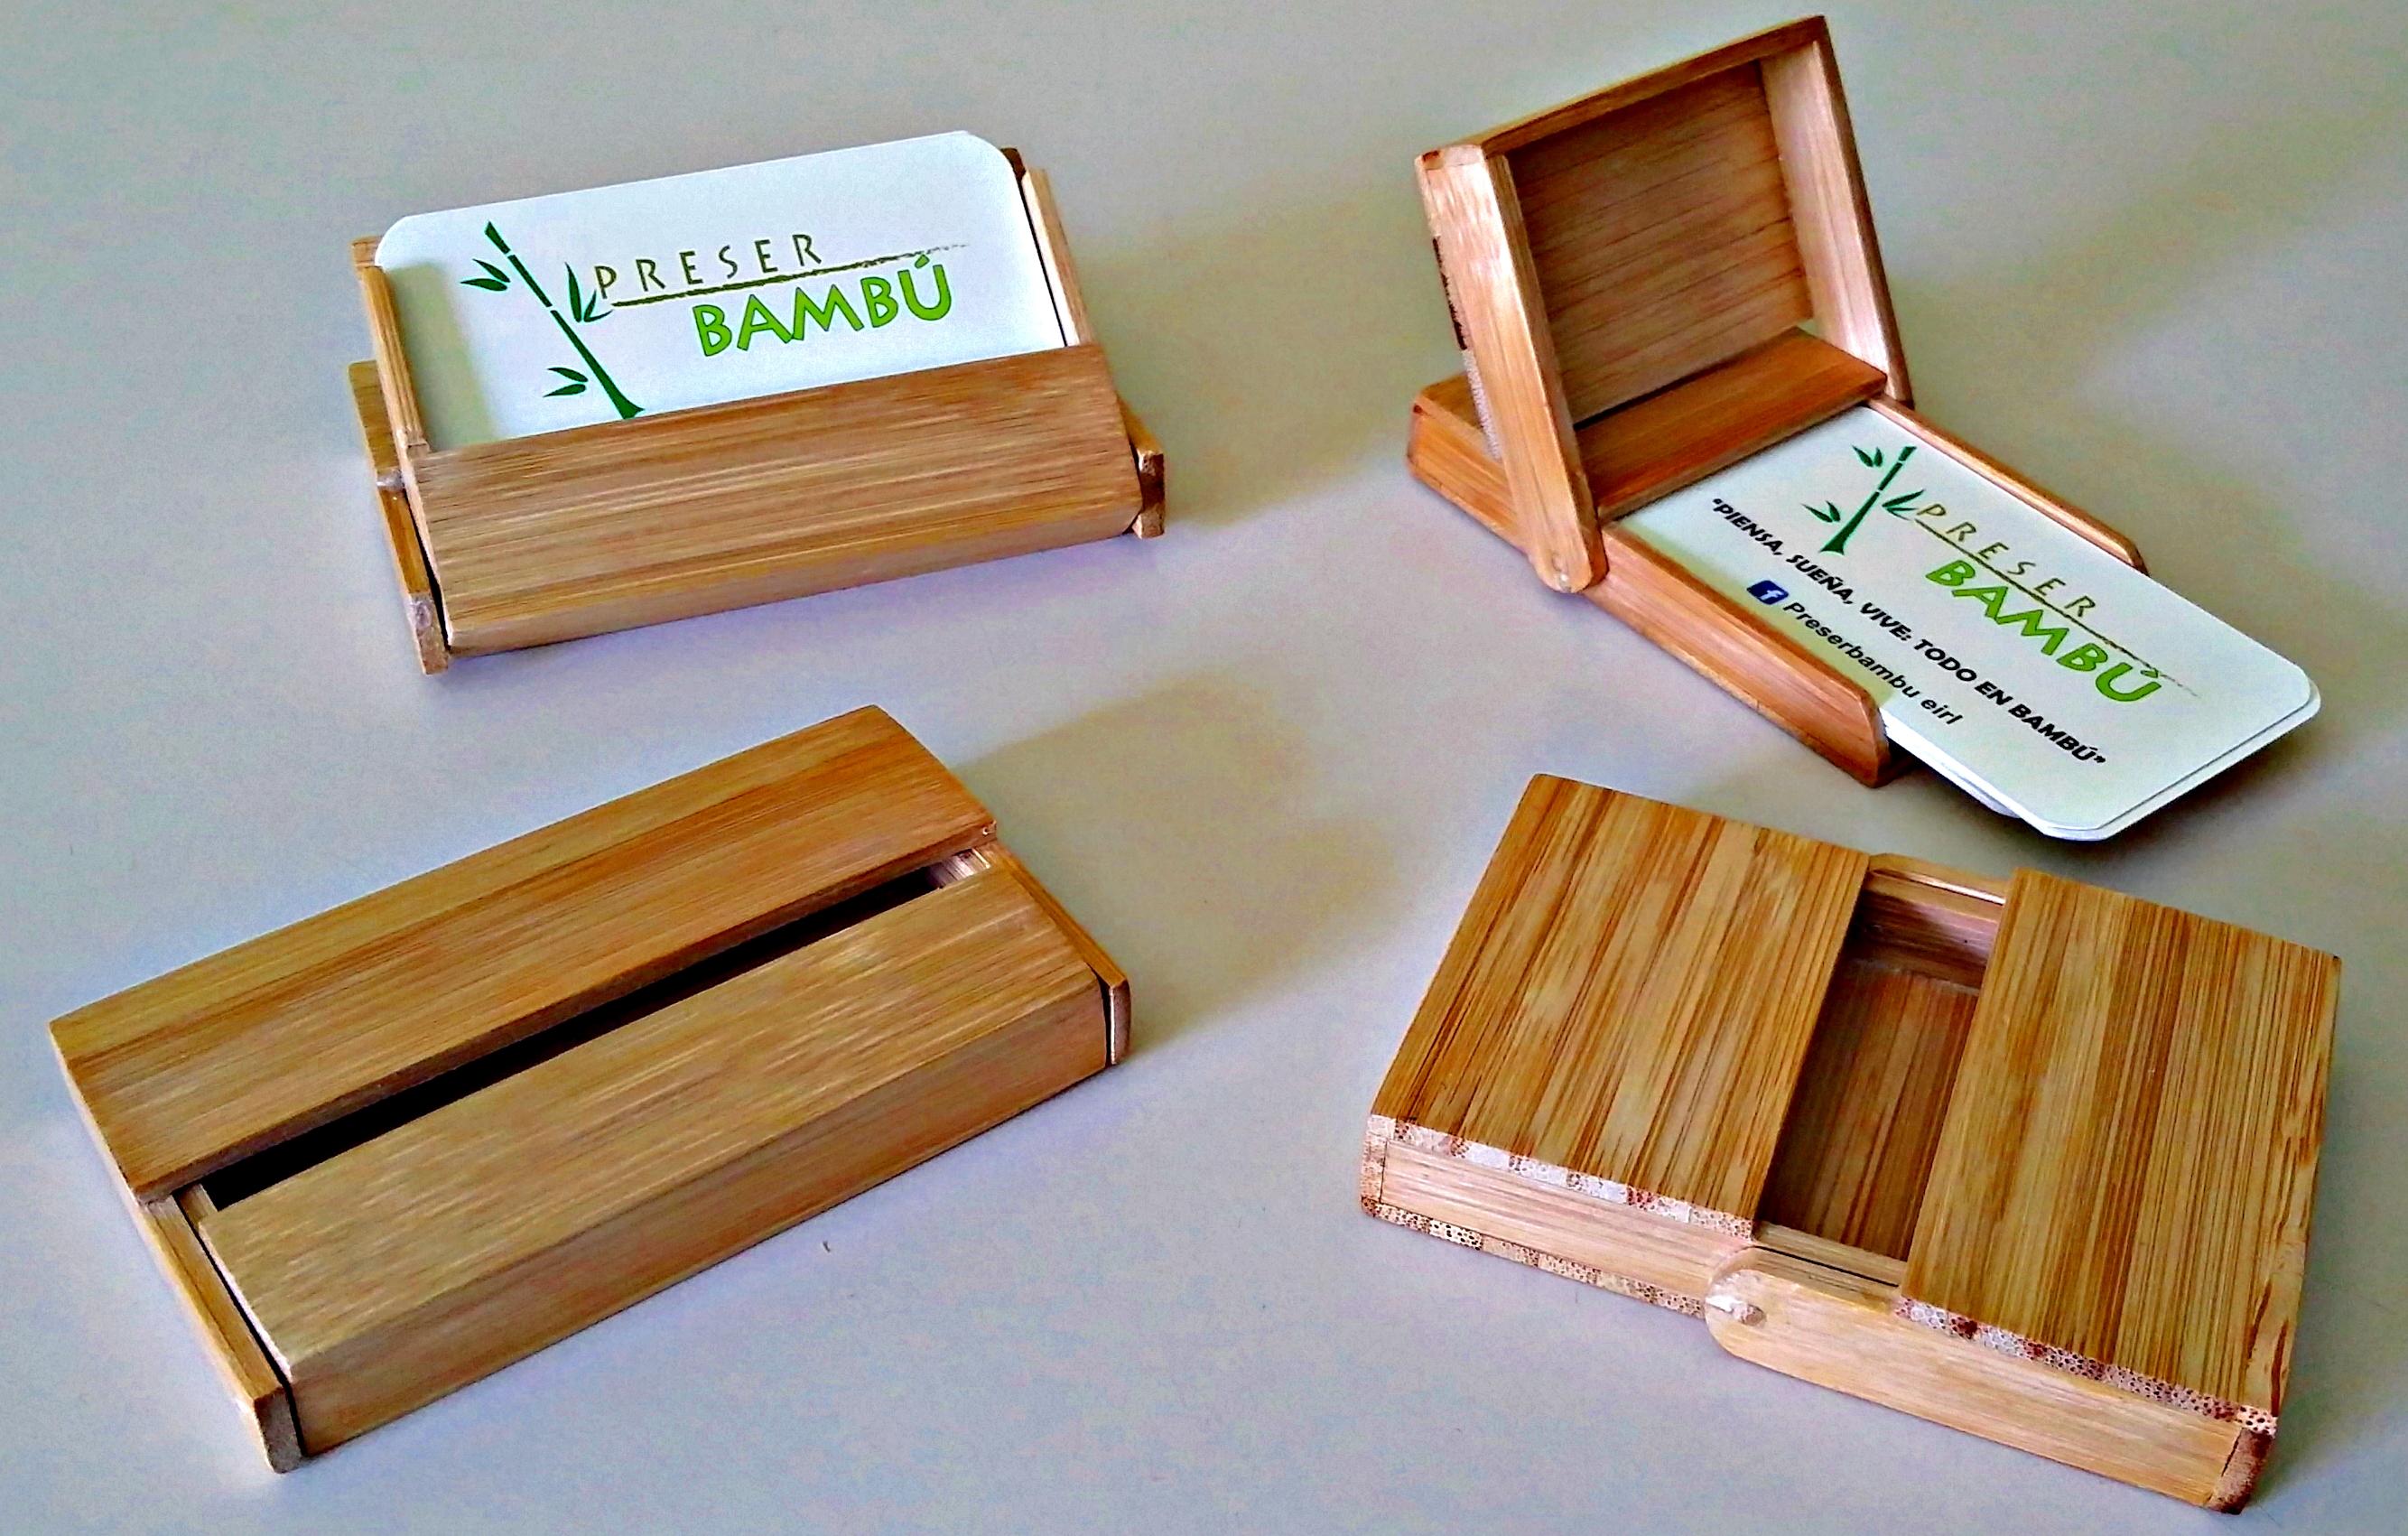 Tarjeteros de bambú